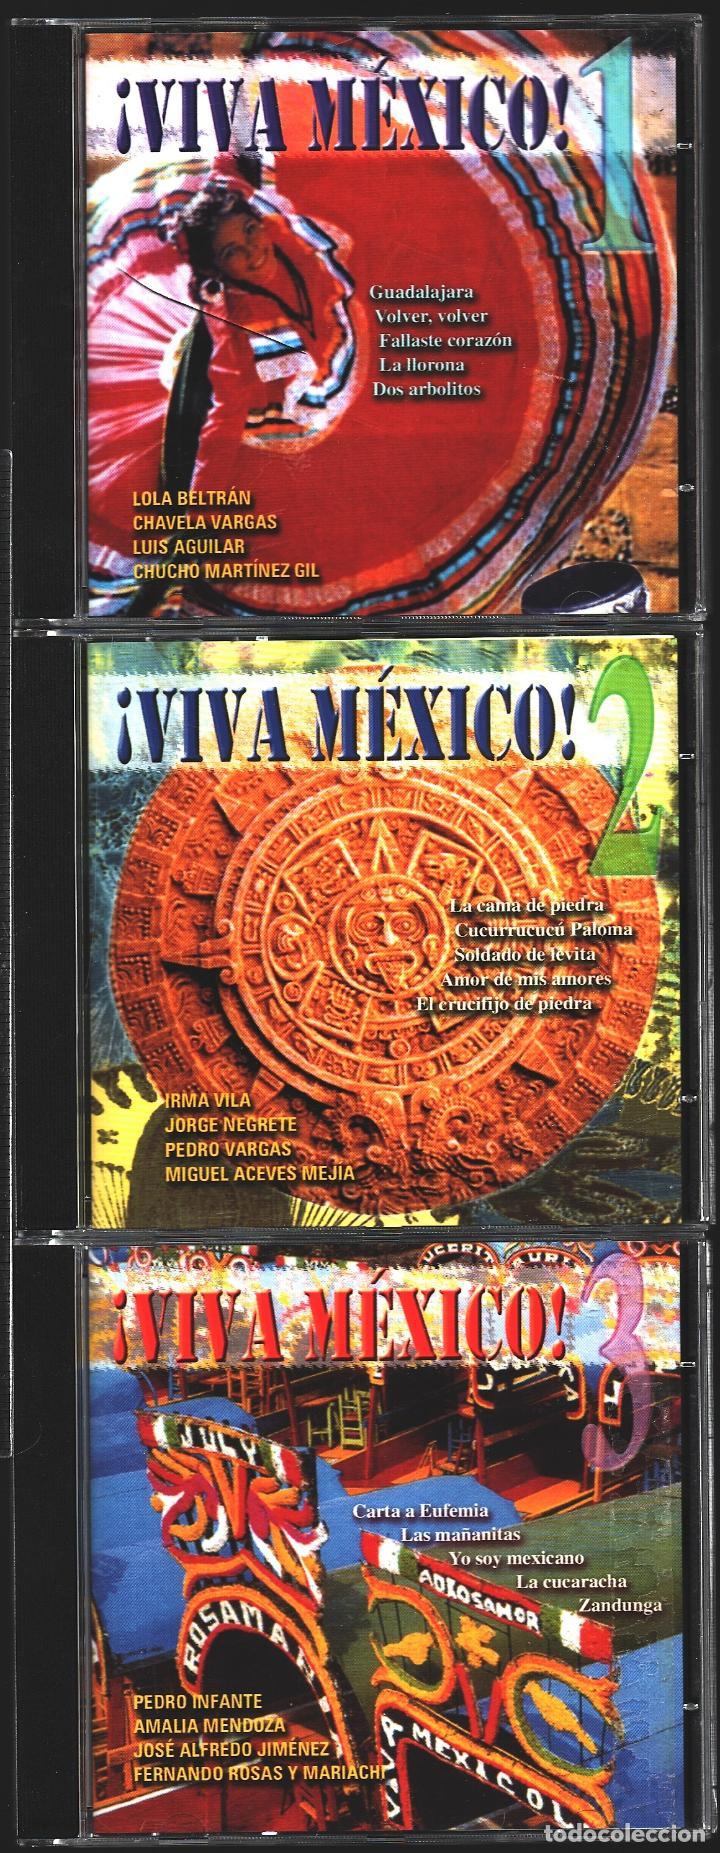 MUSICA GOYO - CD ALBUM - VIVA MEXICO - CD TRIPLE - - RARO - *XX99 (Música - CD's Latina)